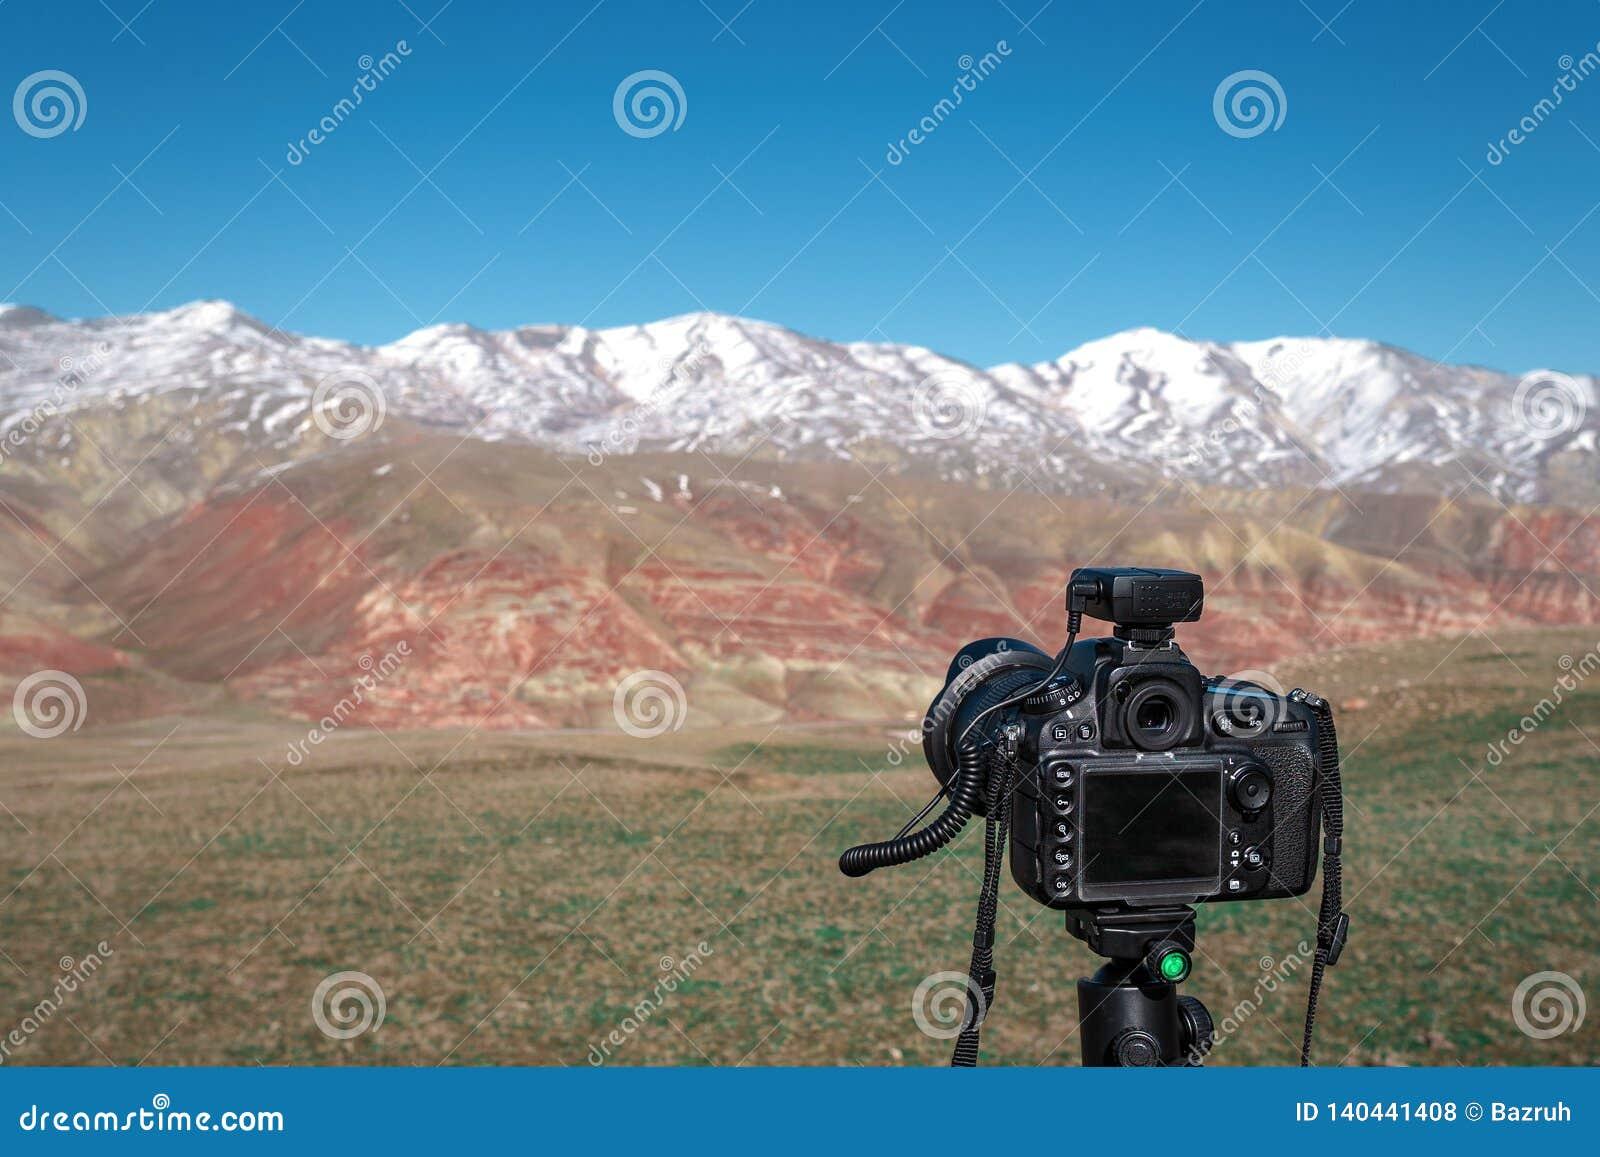 Camera op een driepoot